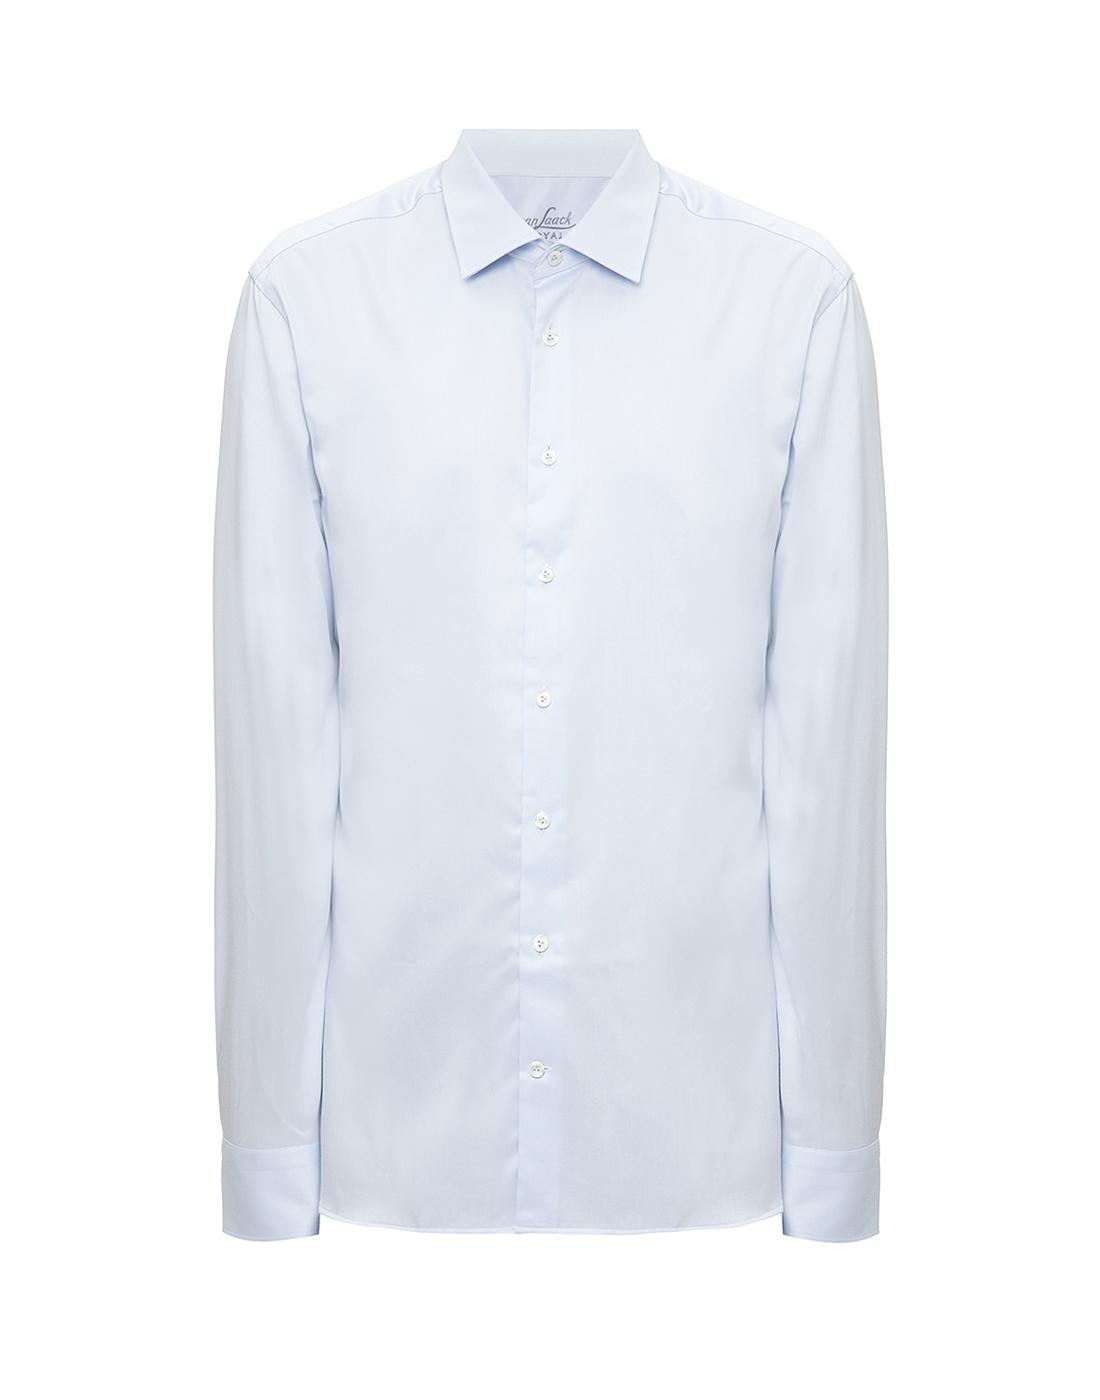 Мужская голубая рубашка Van Laack S130148/710-1